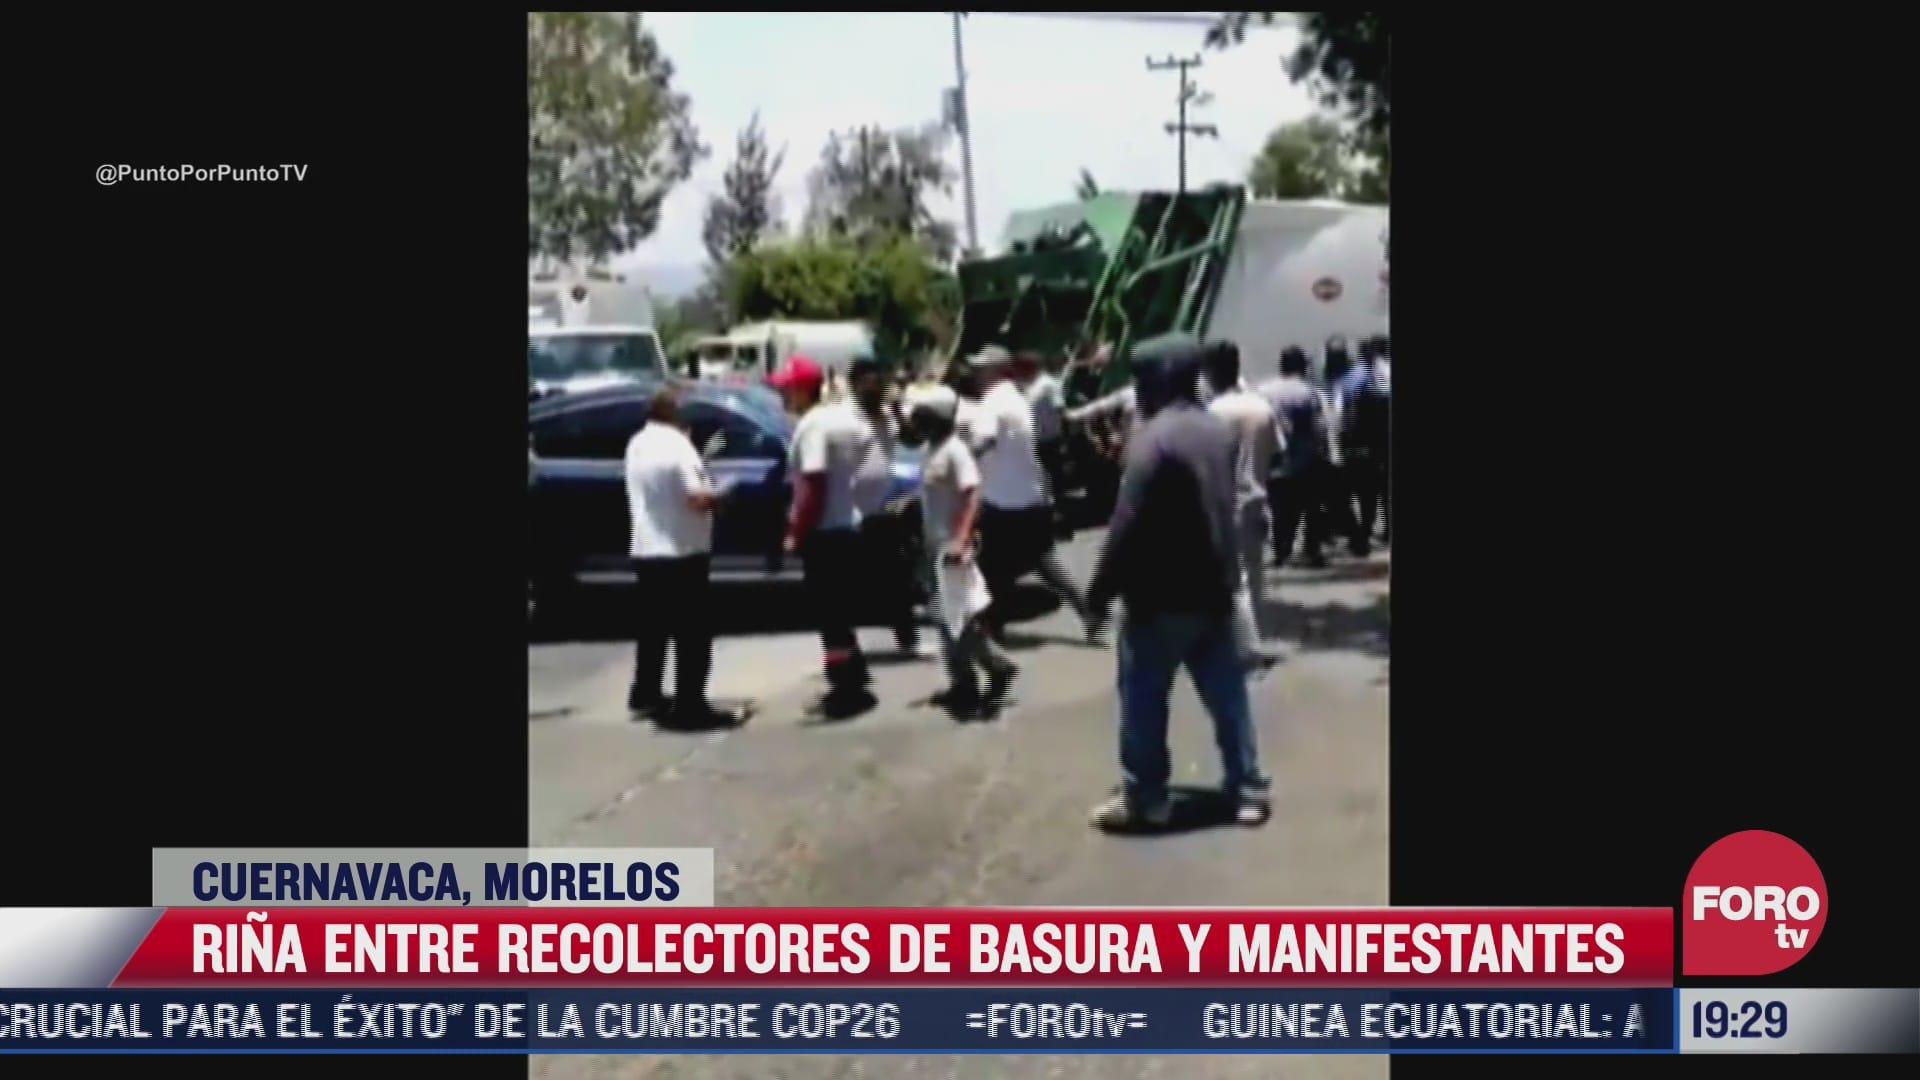 se registra rina entre recolectores de basura y manifestantes en cuernavaca